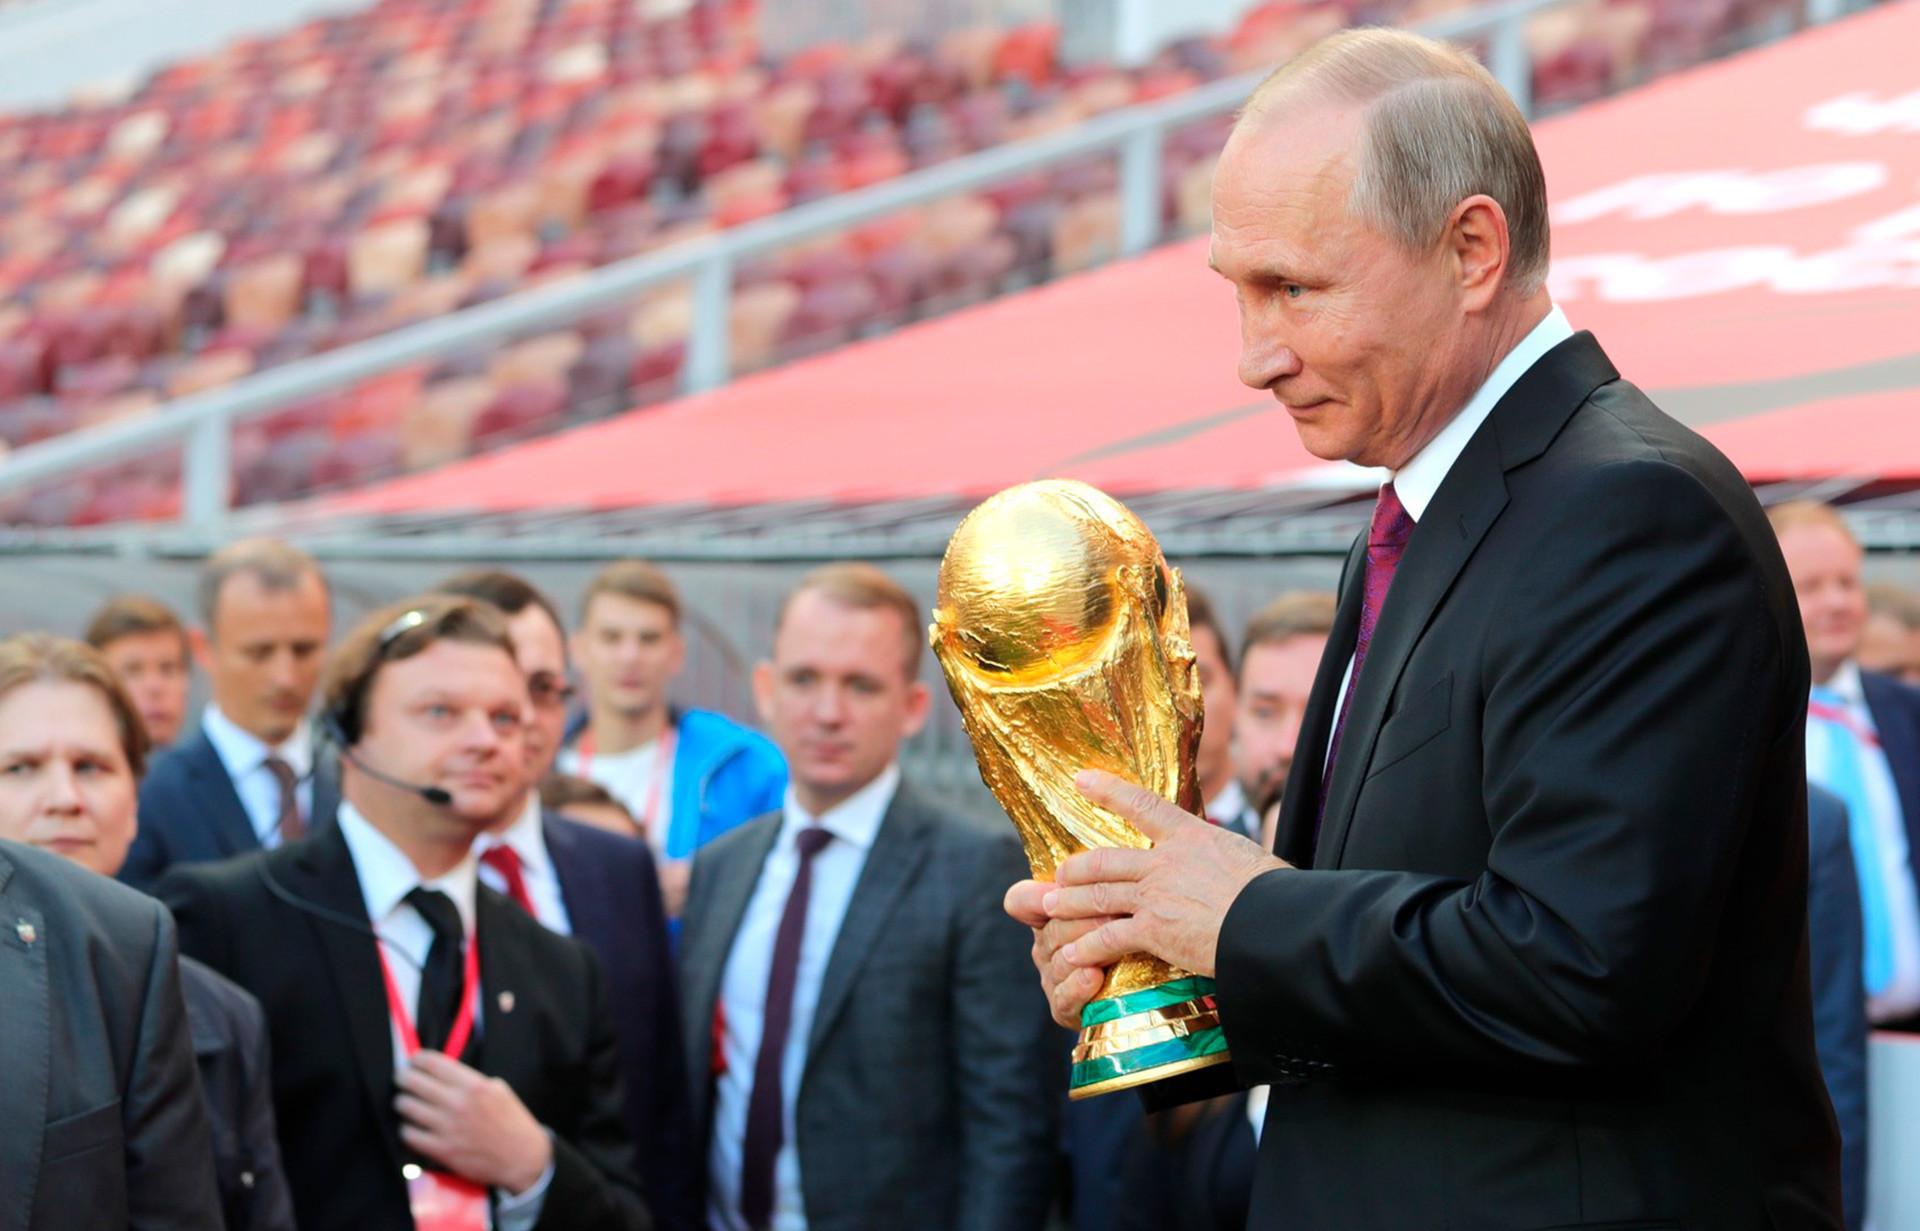 Со следующего сезона Кубок России должен вручать президент. Народ требует! - фото